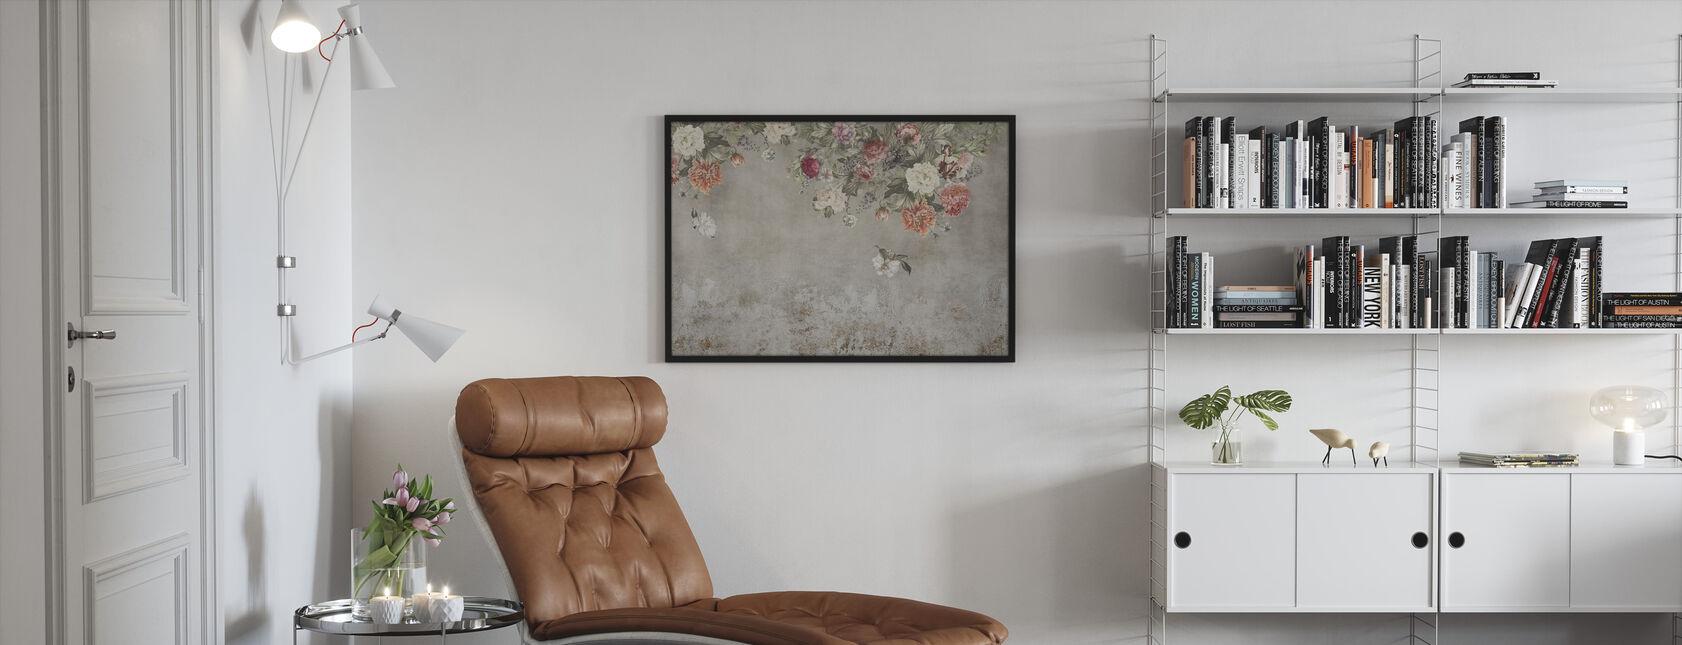 Vintage blomma vägg - Inramad tavla - Vardagsrum